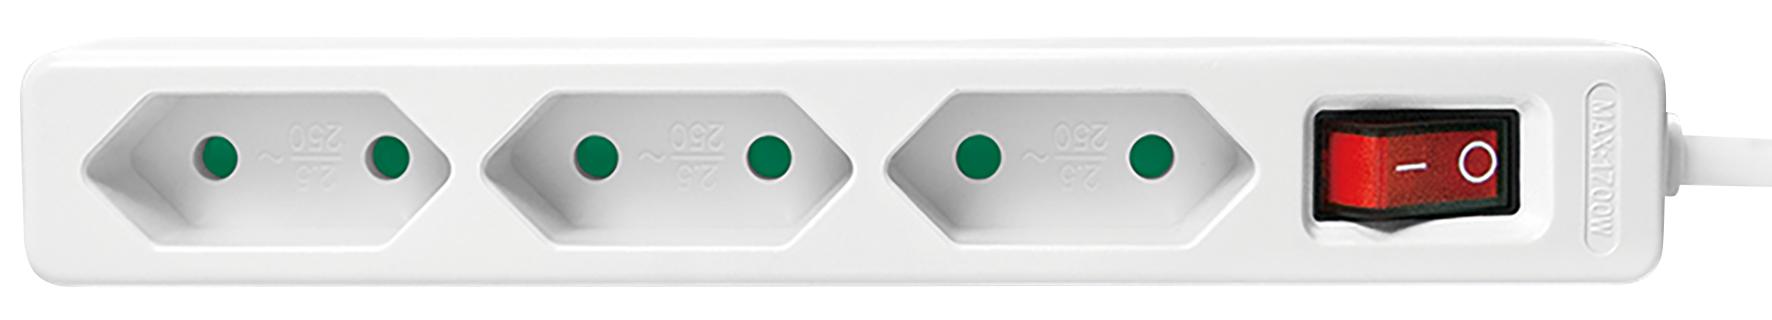 Steckdosenleiste 3-fach mit Schalter, Euro